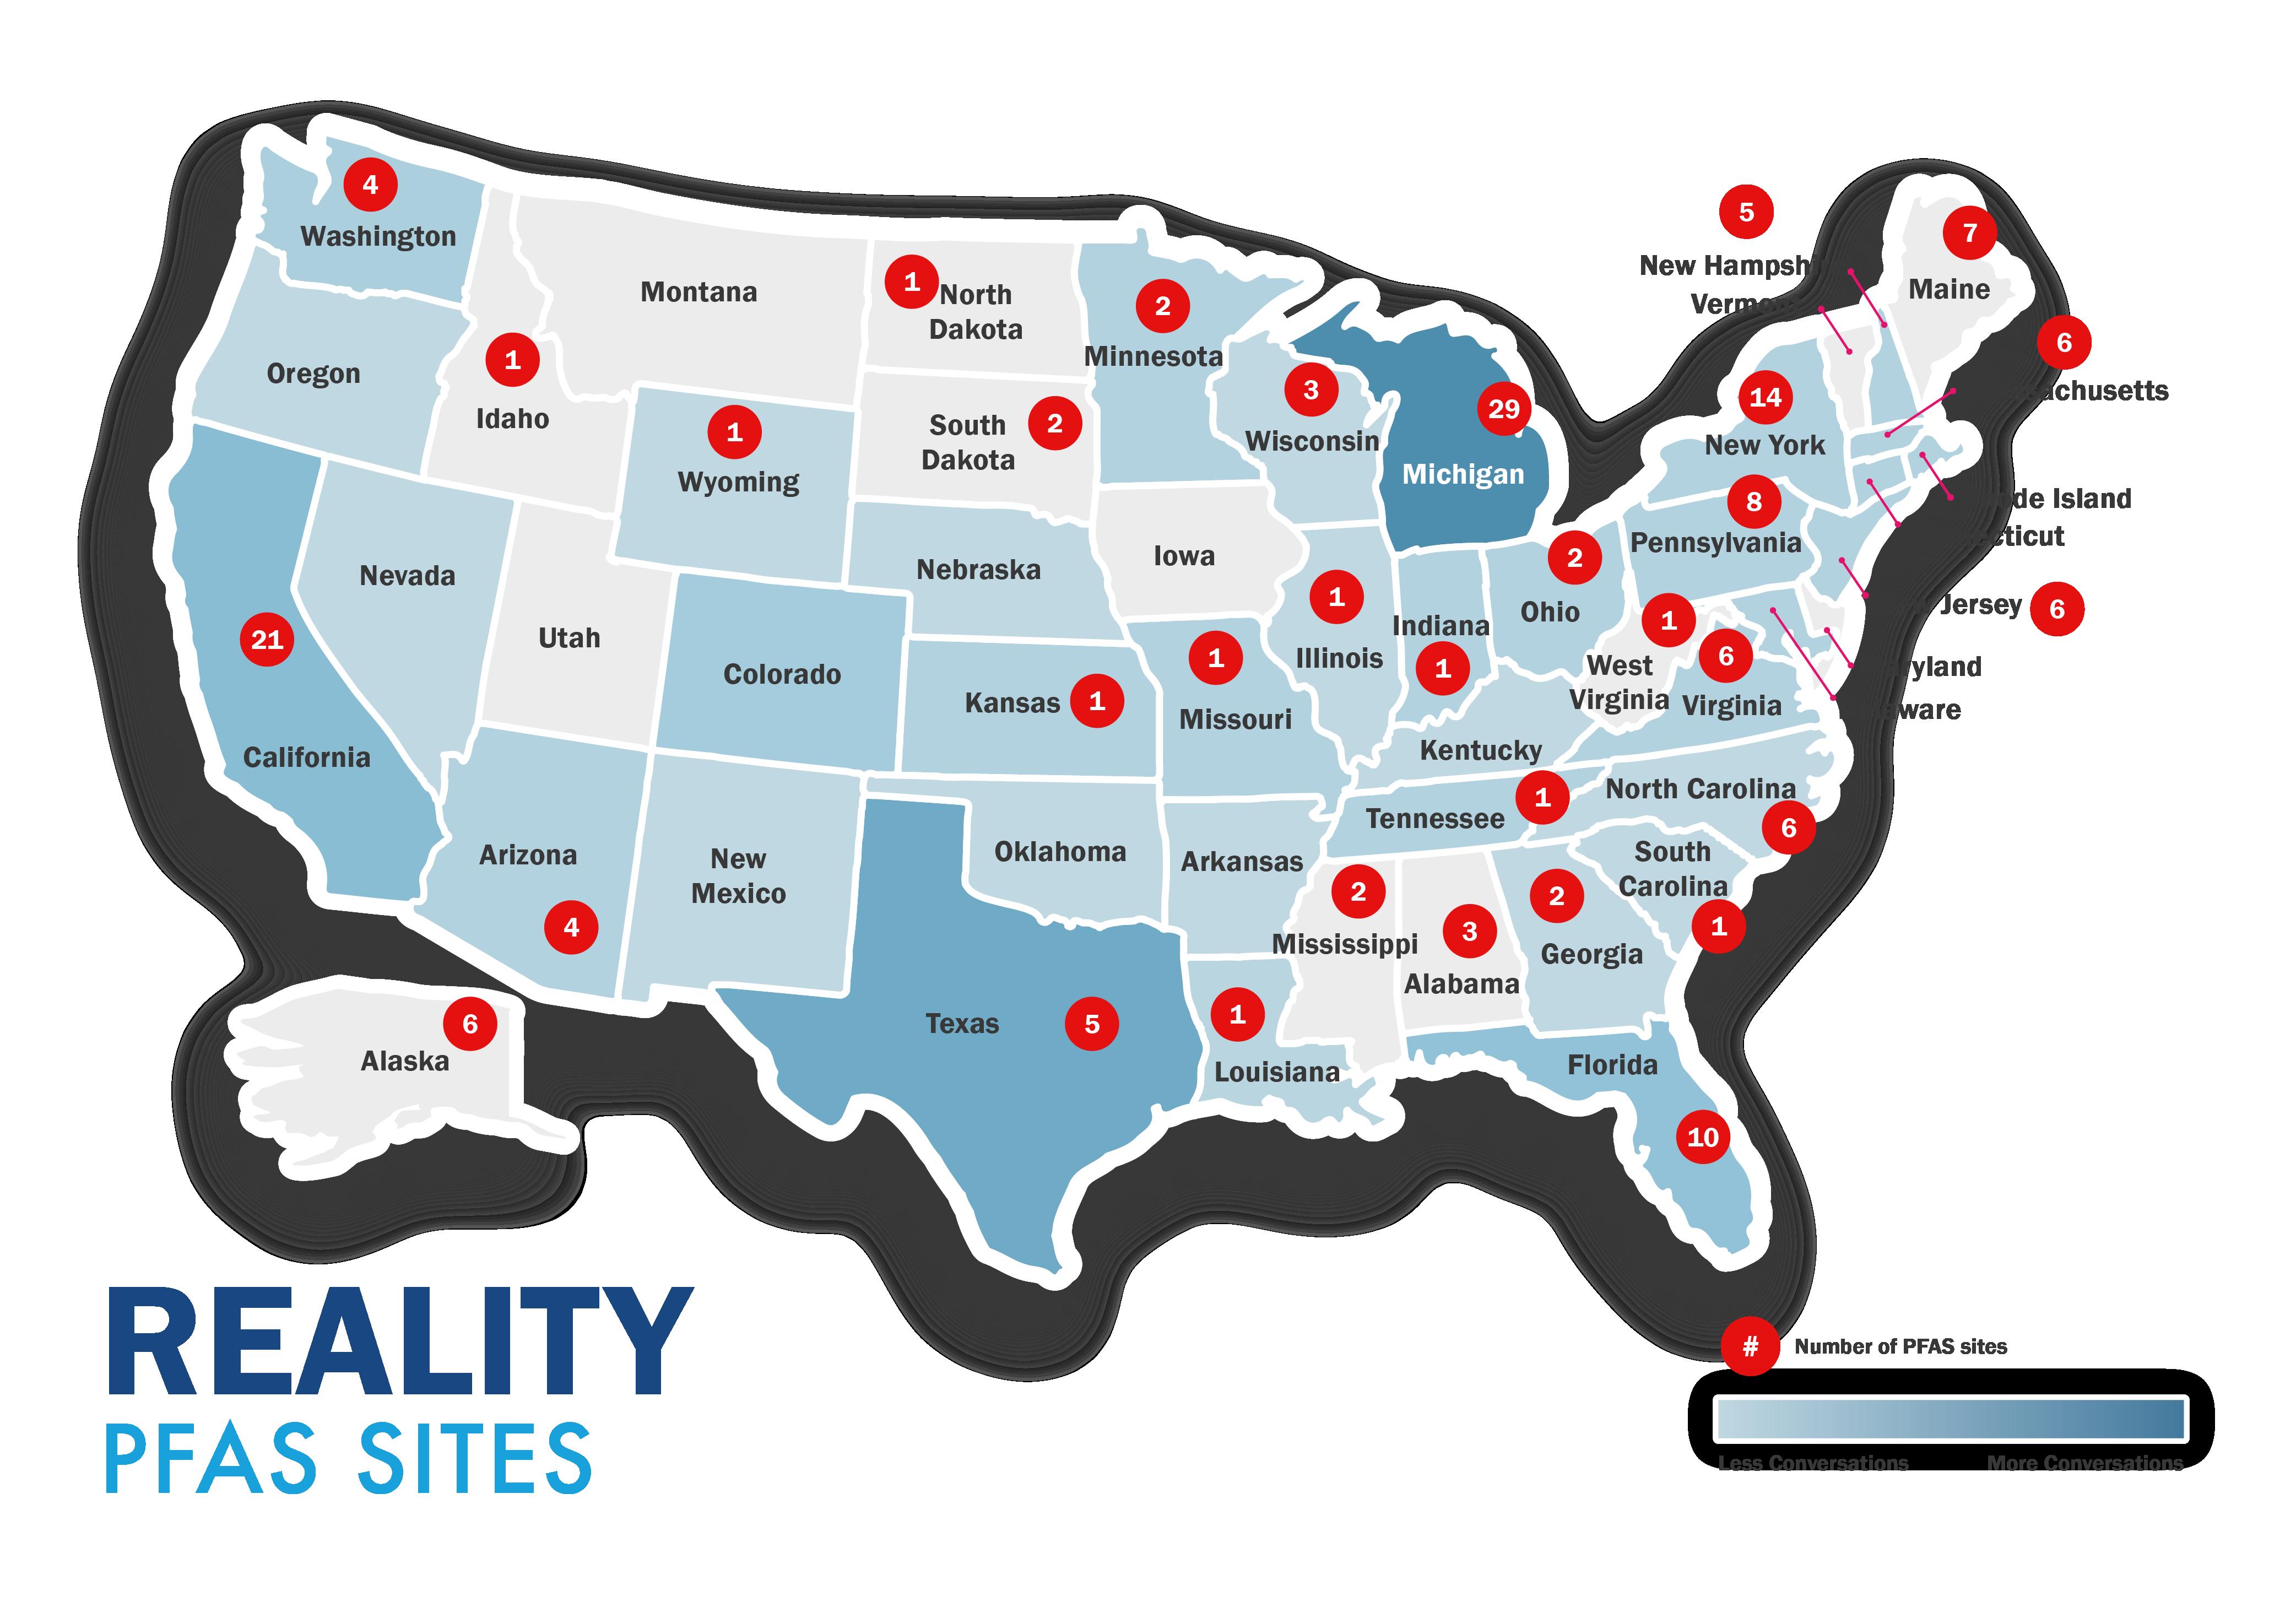 Reality PFAS sites